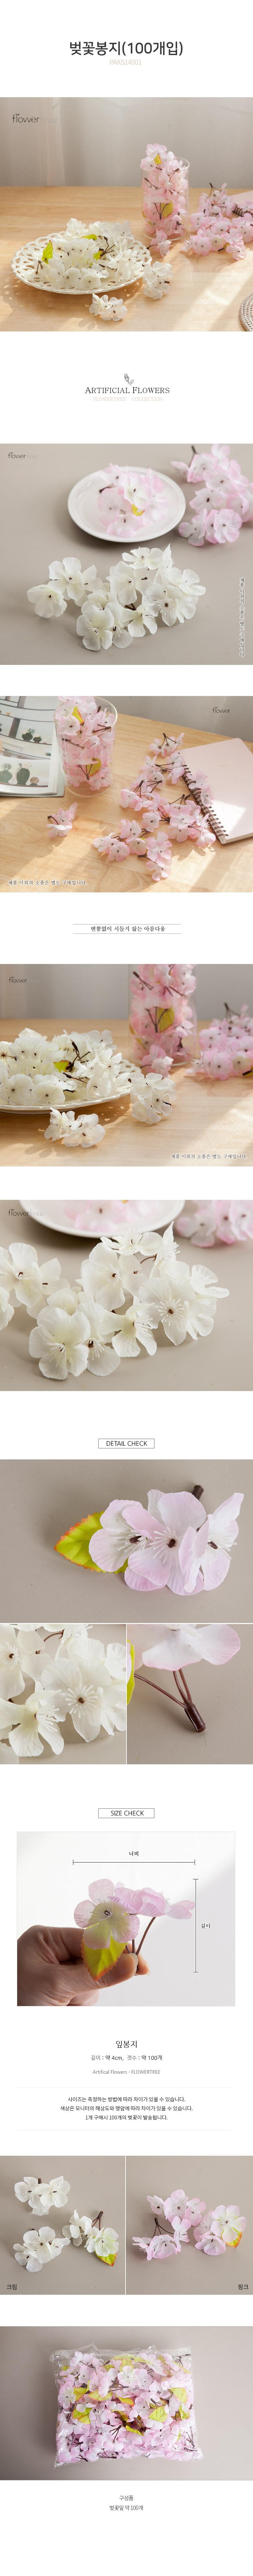 벚꽃봉지(100개입) - 플라워트리, 7,020원, 조화, 부쉬